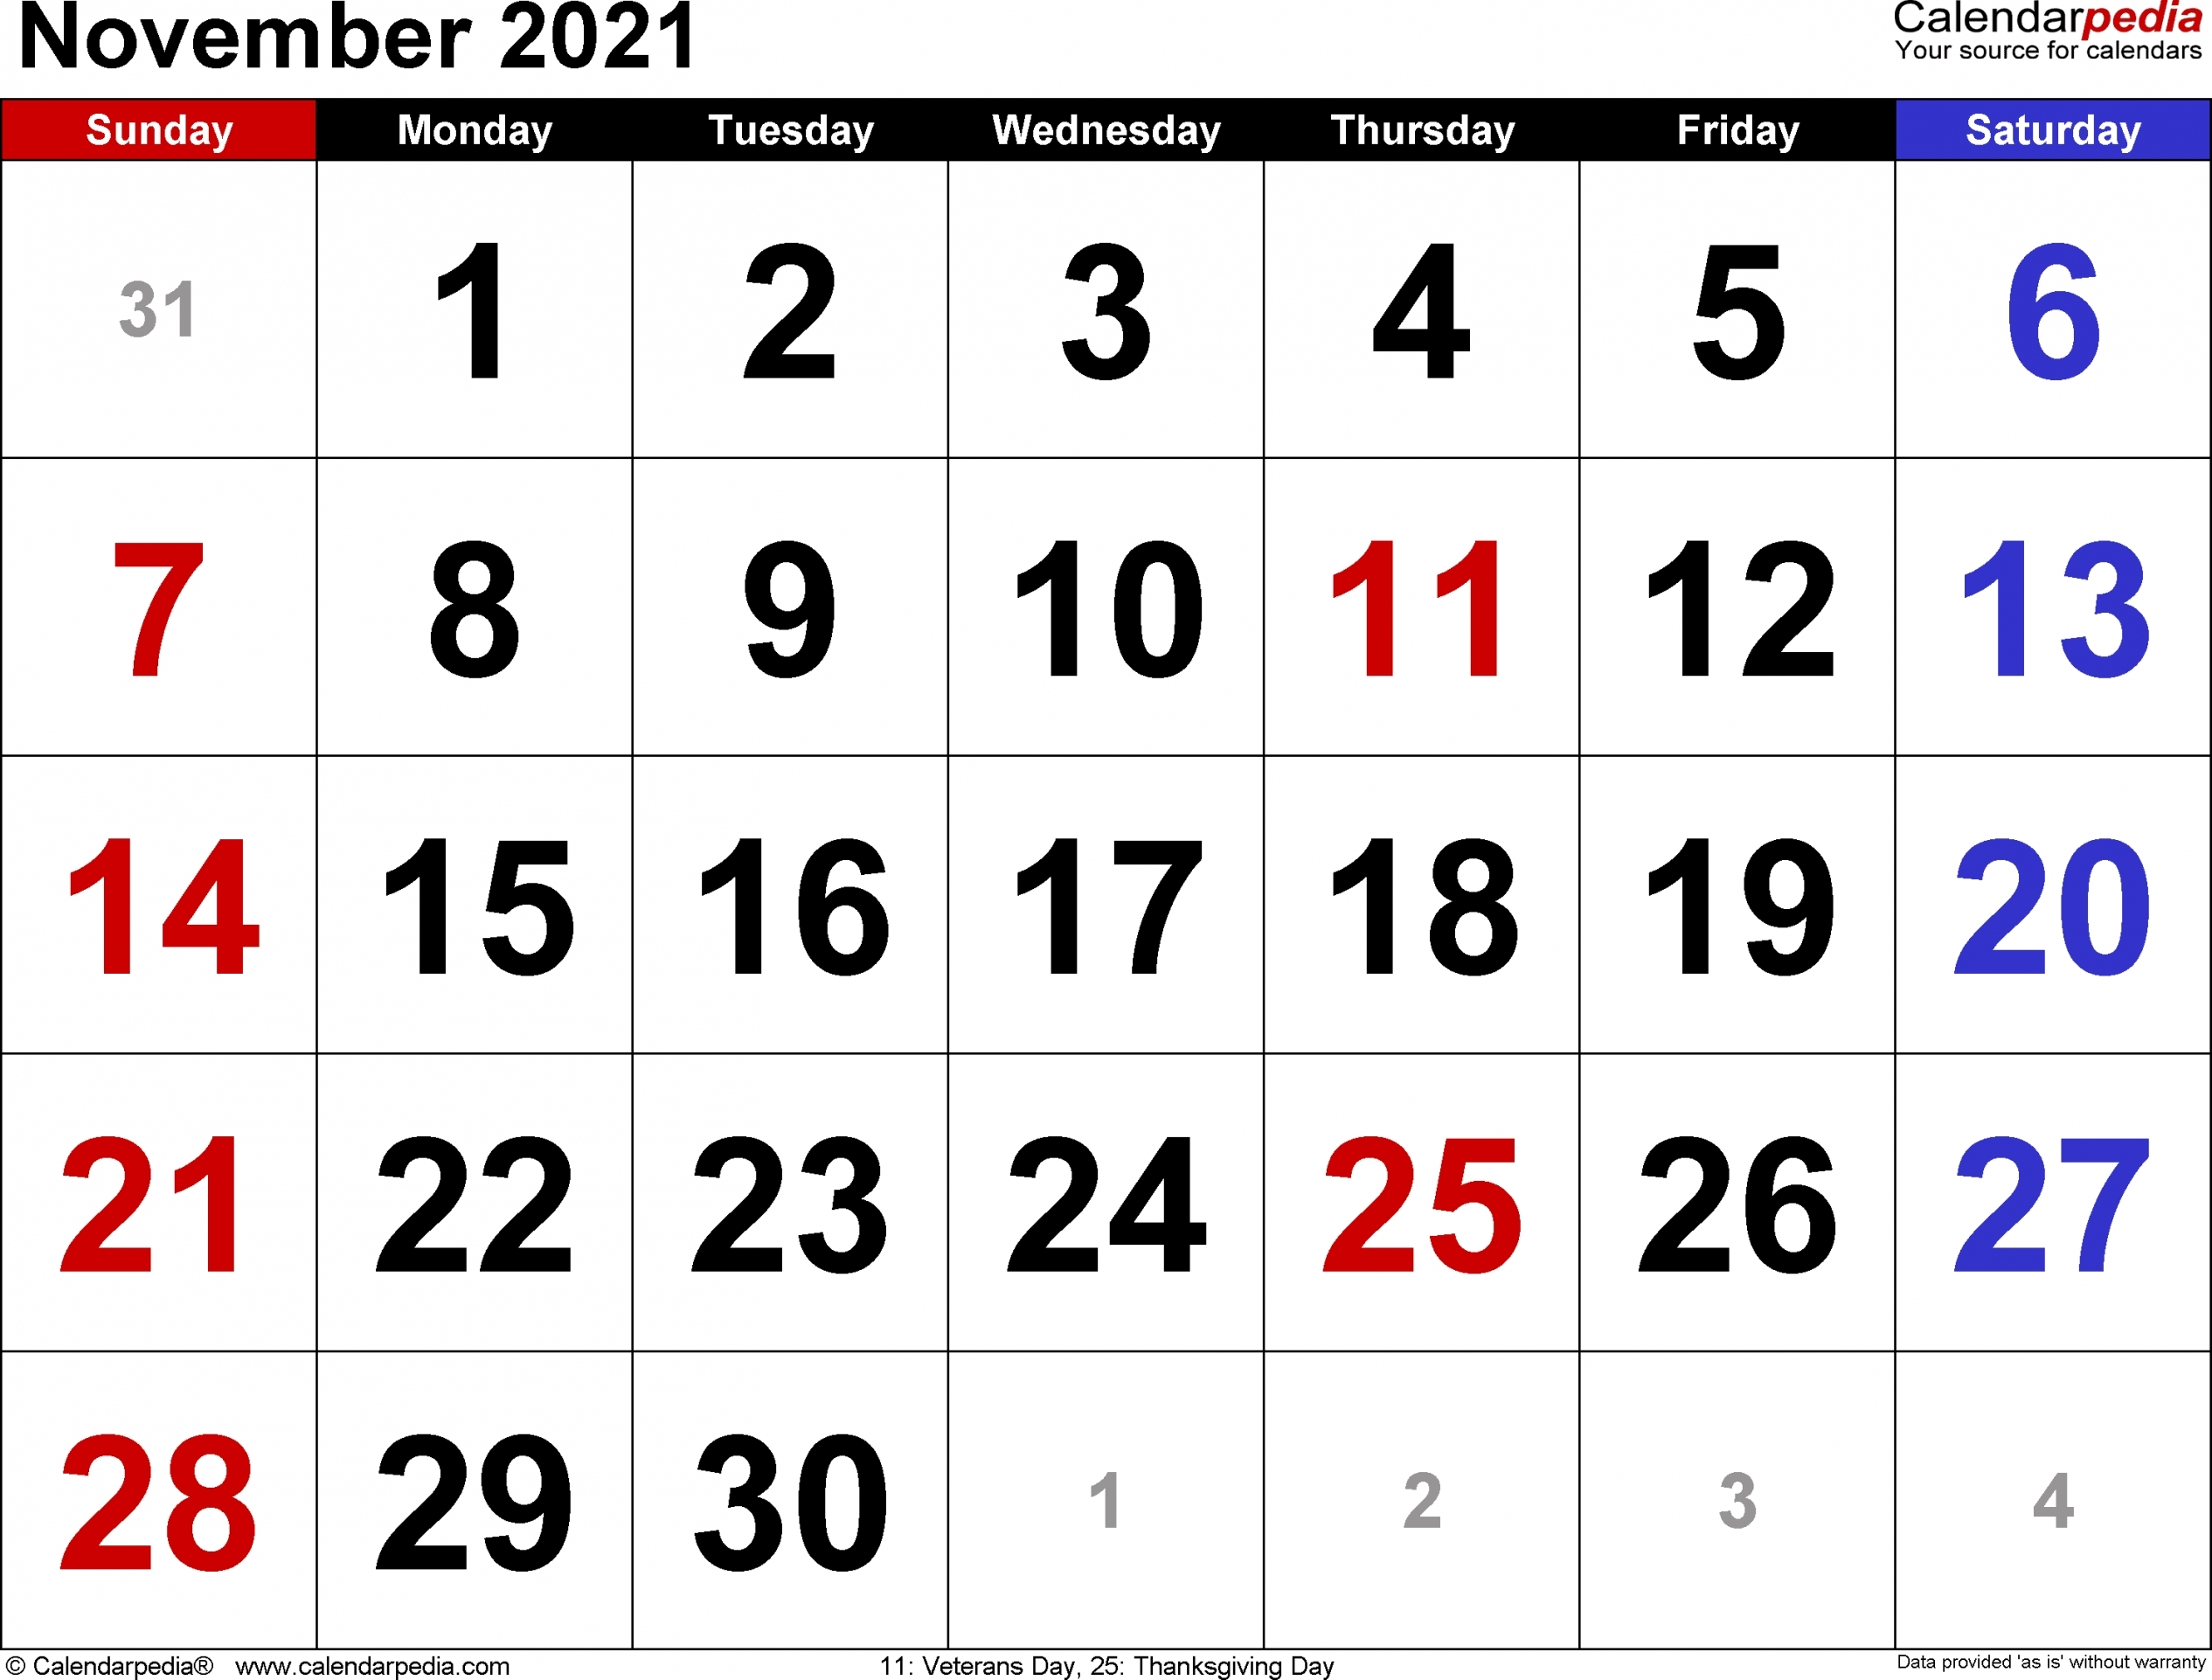 2021 November Calendar Printable   Free Letter Templates Printable Calendar For November 2021